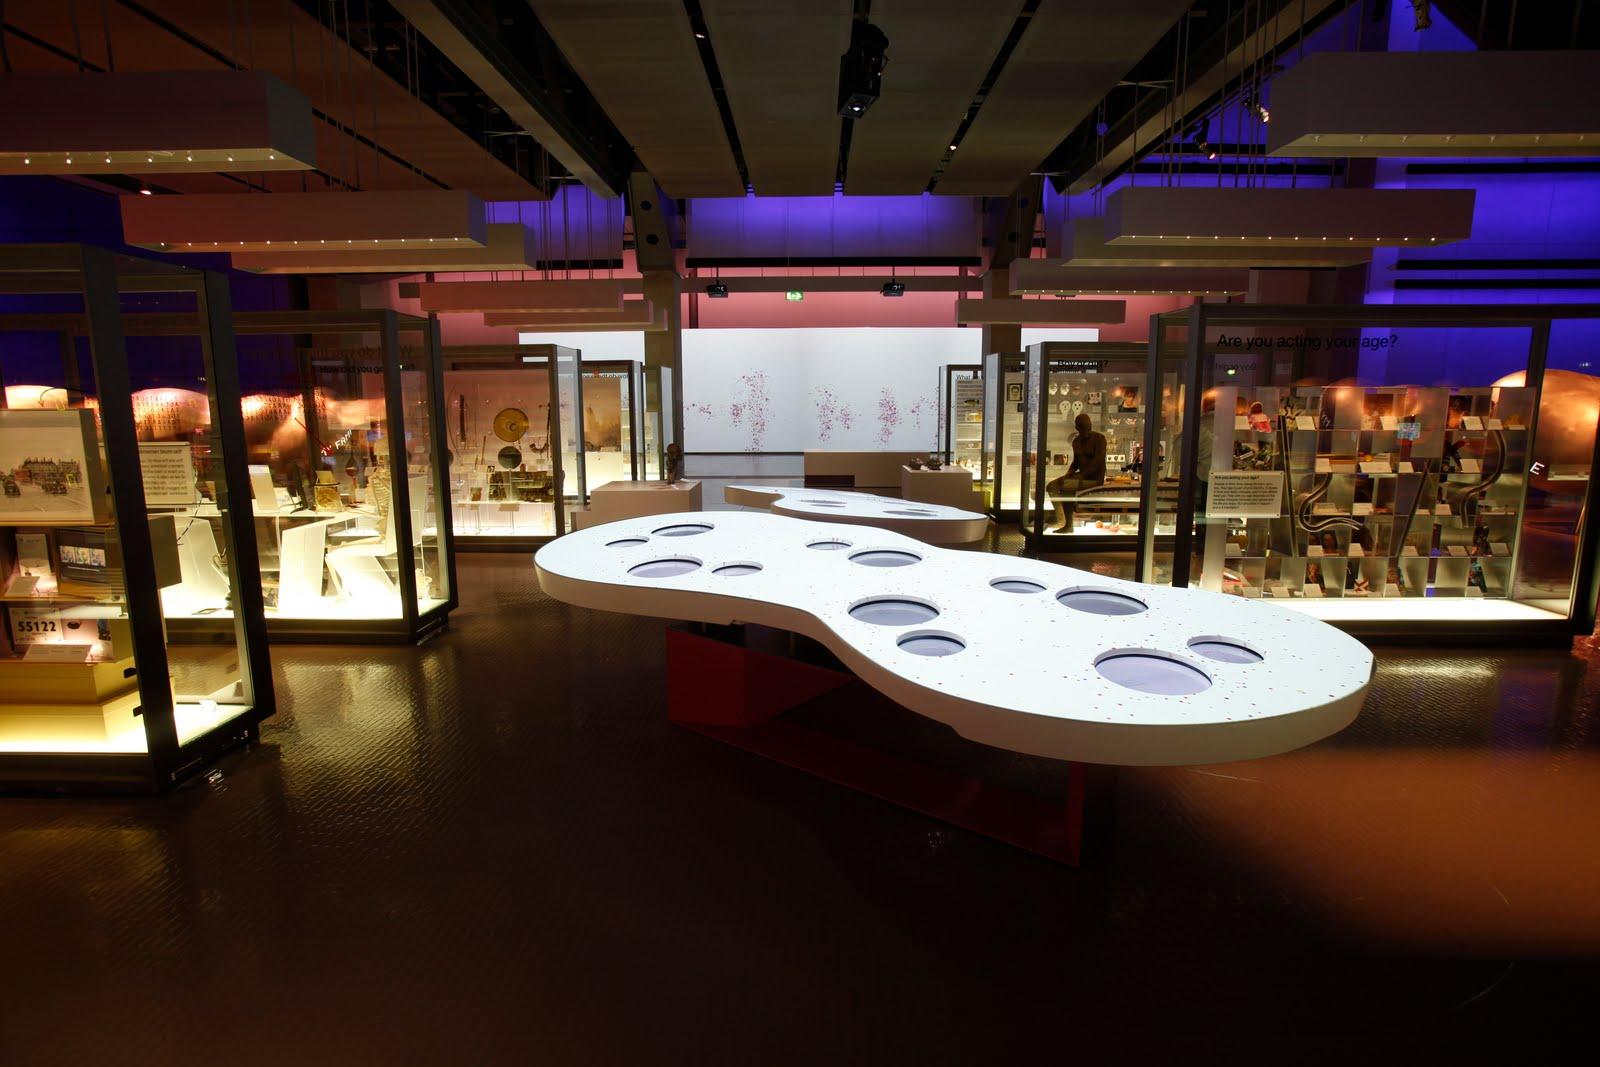 Me3 Exhibit – fun museum